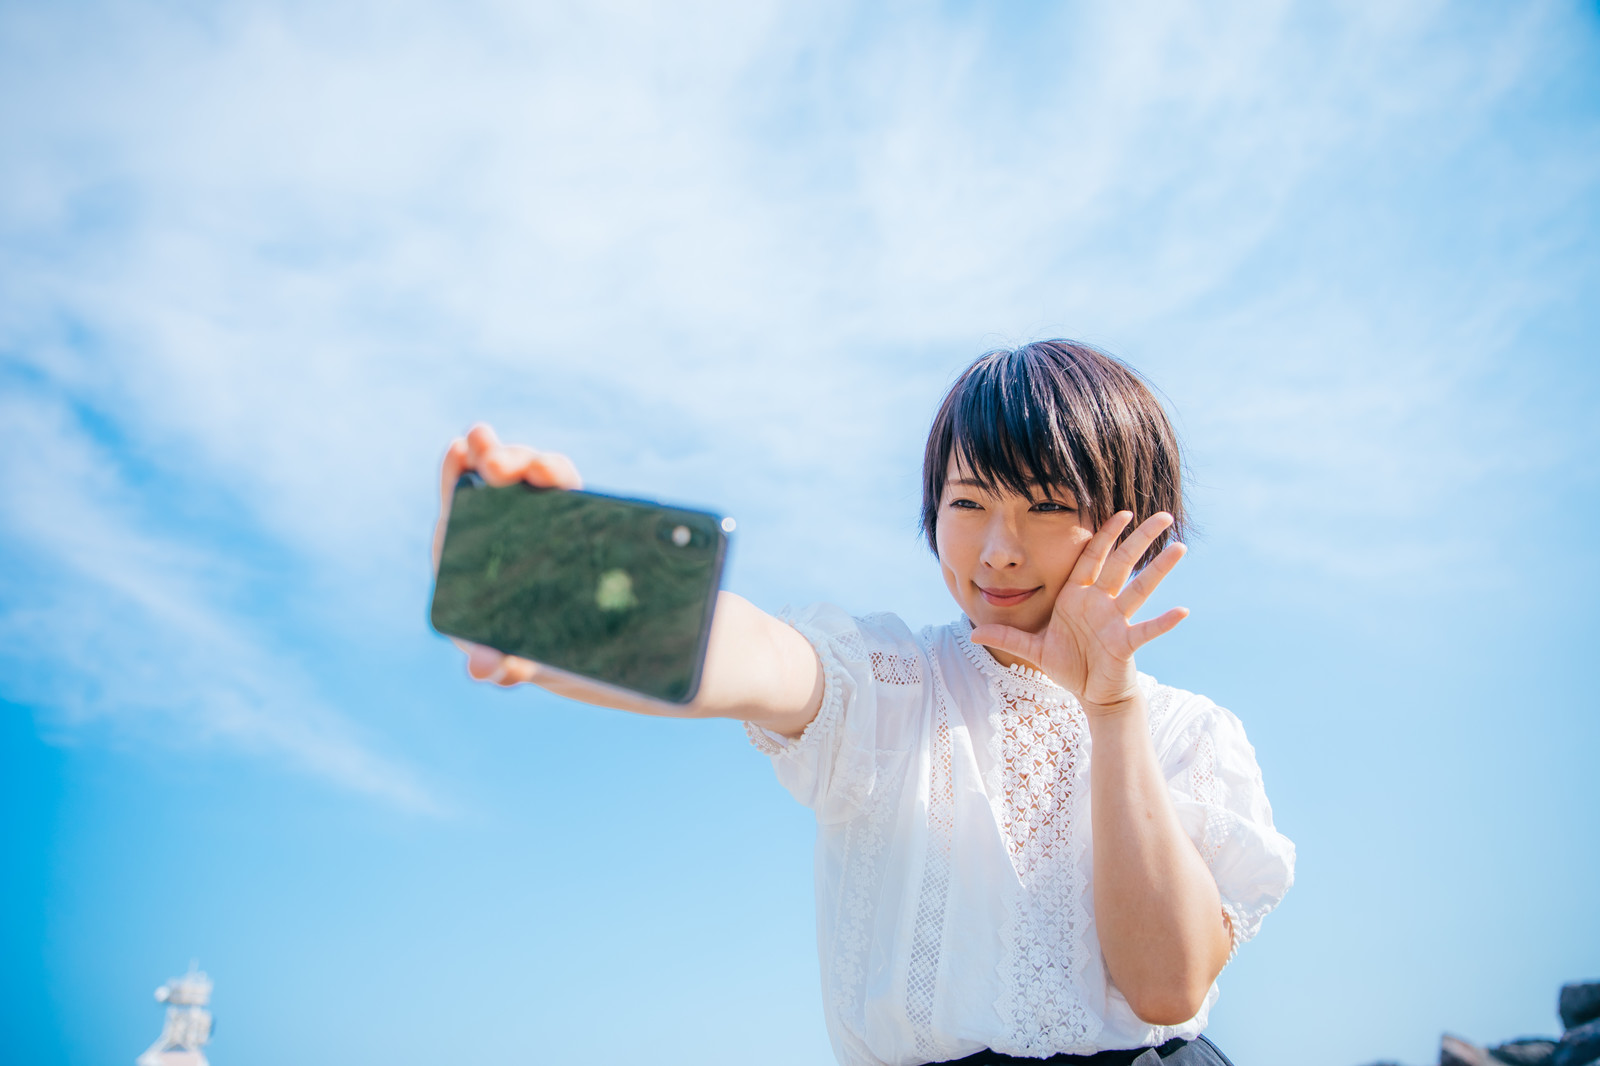 「青空の下でスマホで自撮りする女子」の写真[モデル:にゃるる]